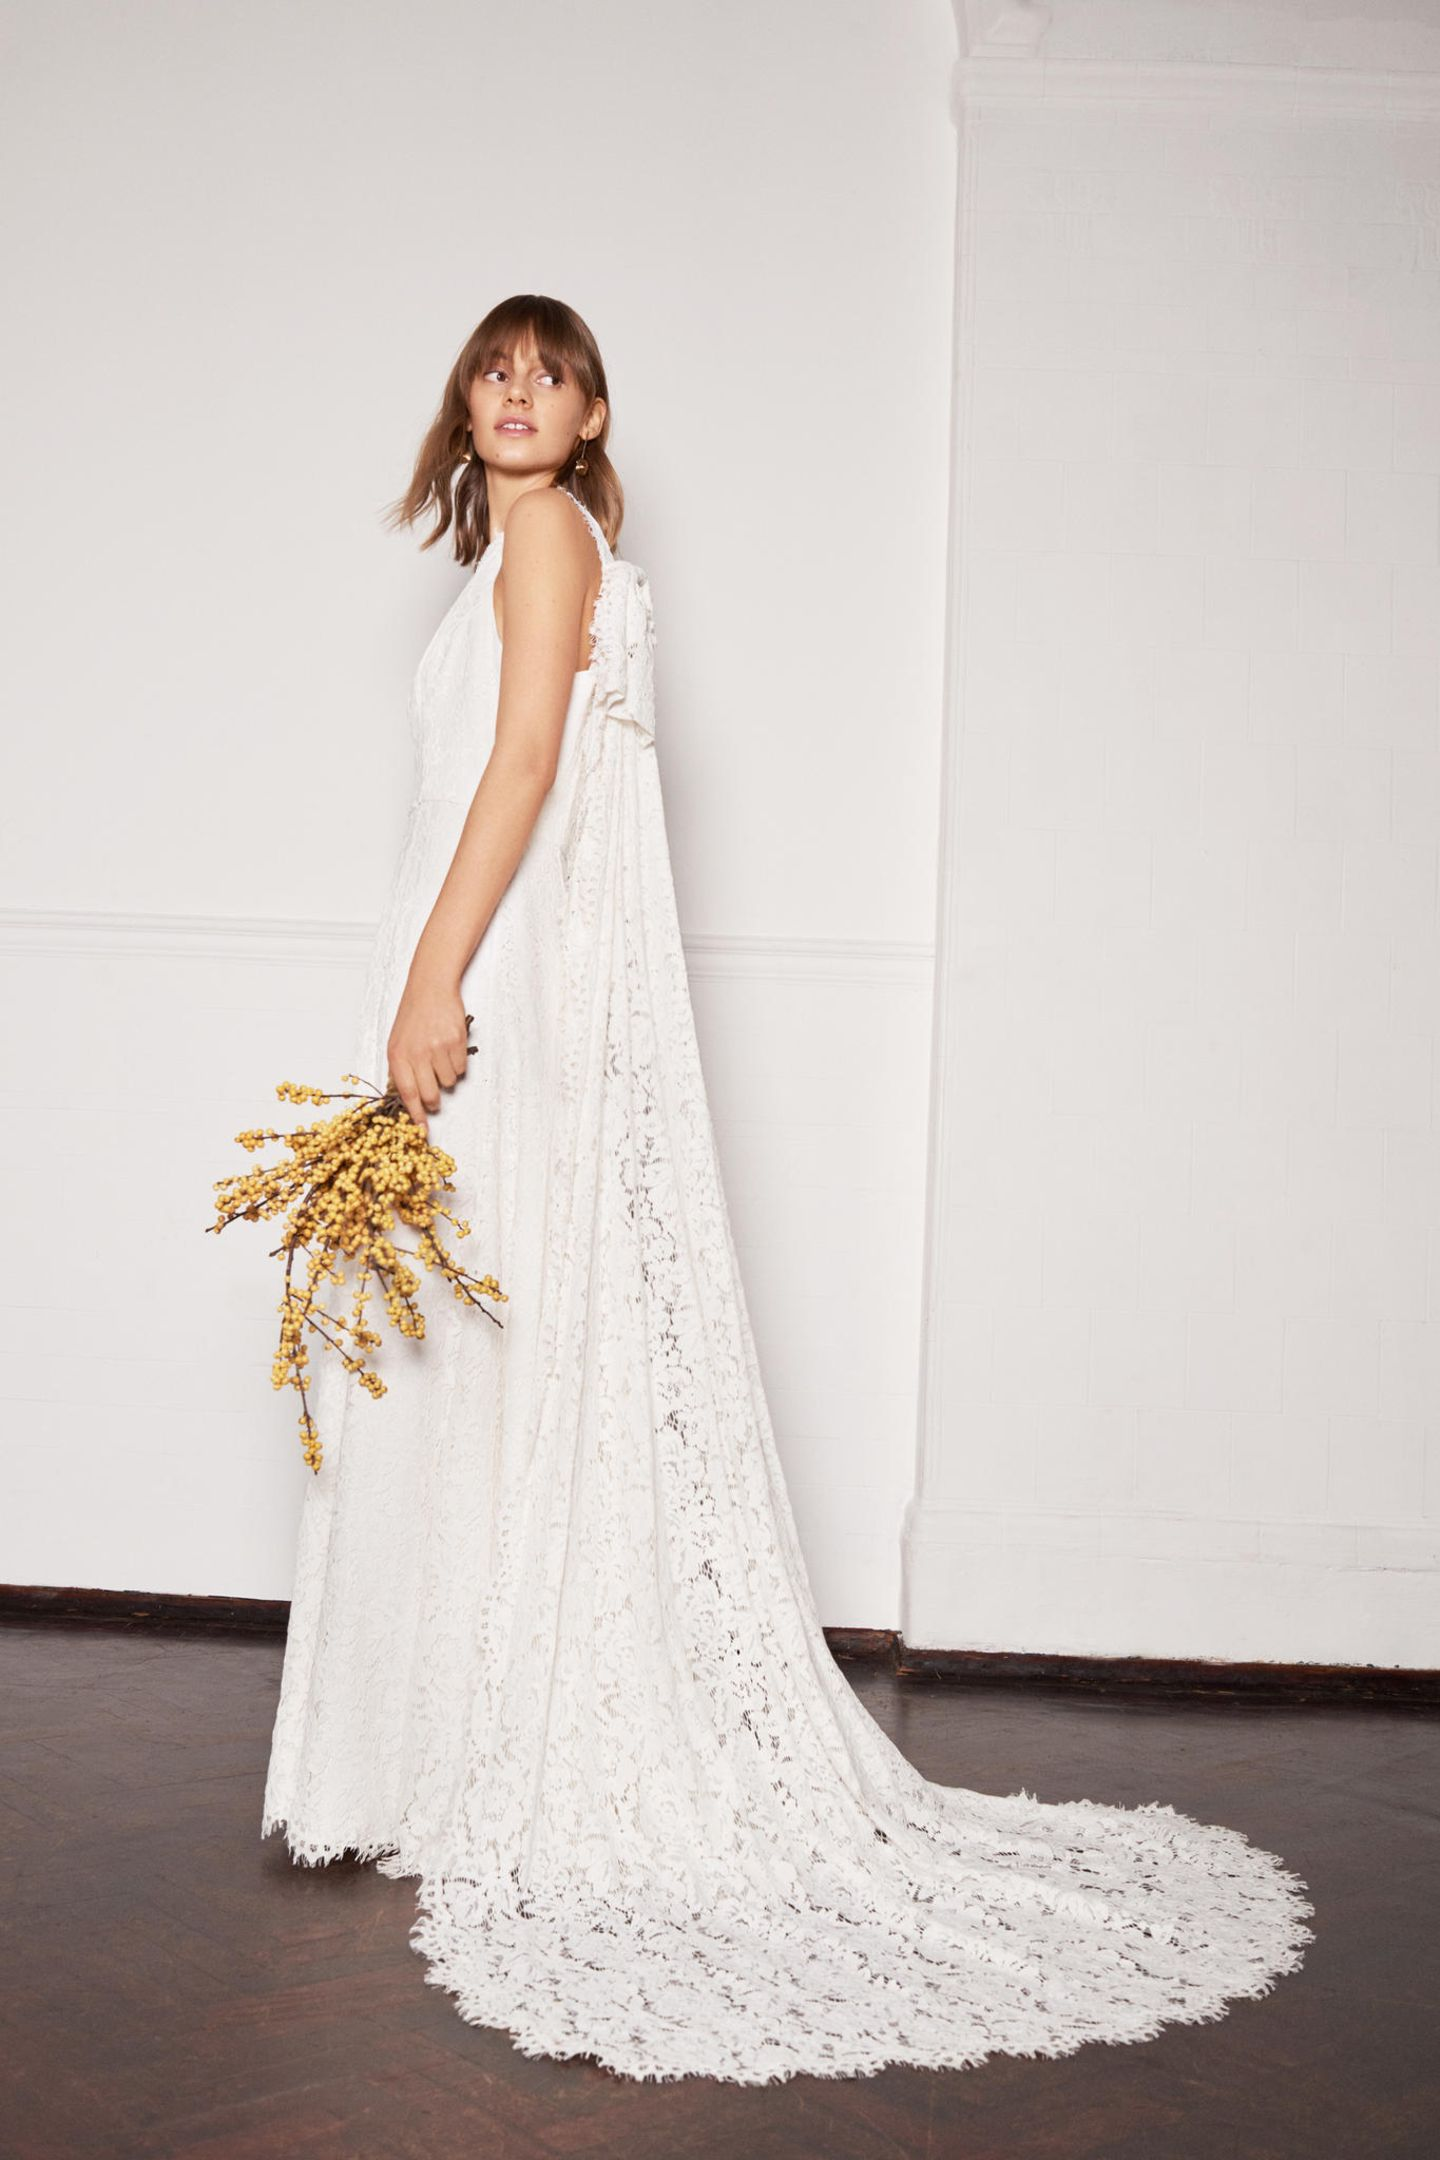 Hochzeit 15: Die schönsten Brautkleider des Jahres  GALA.de